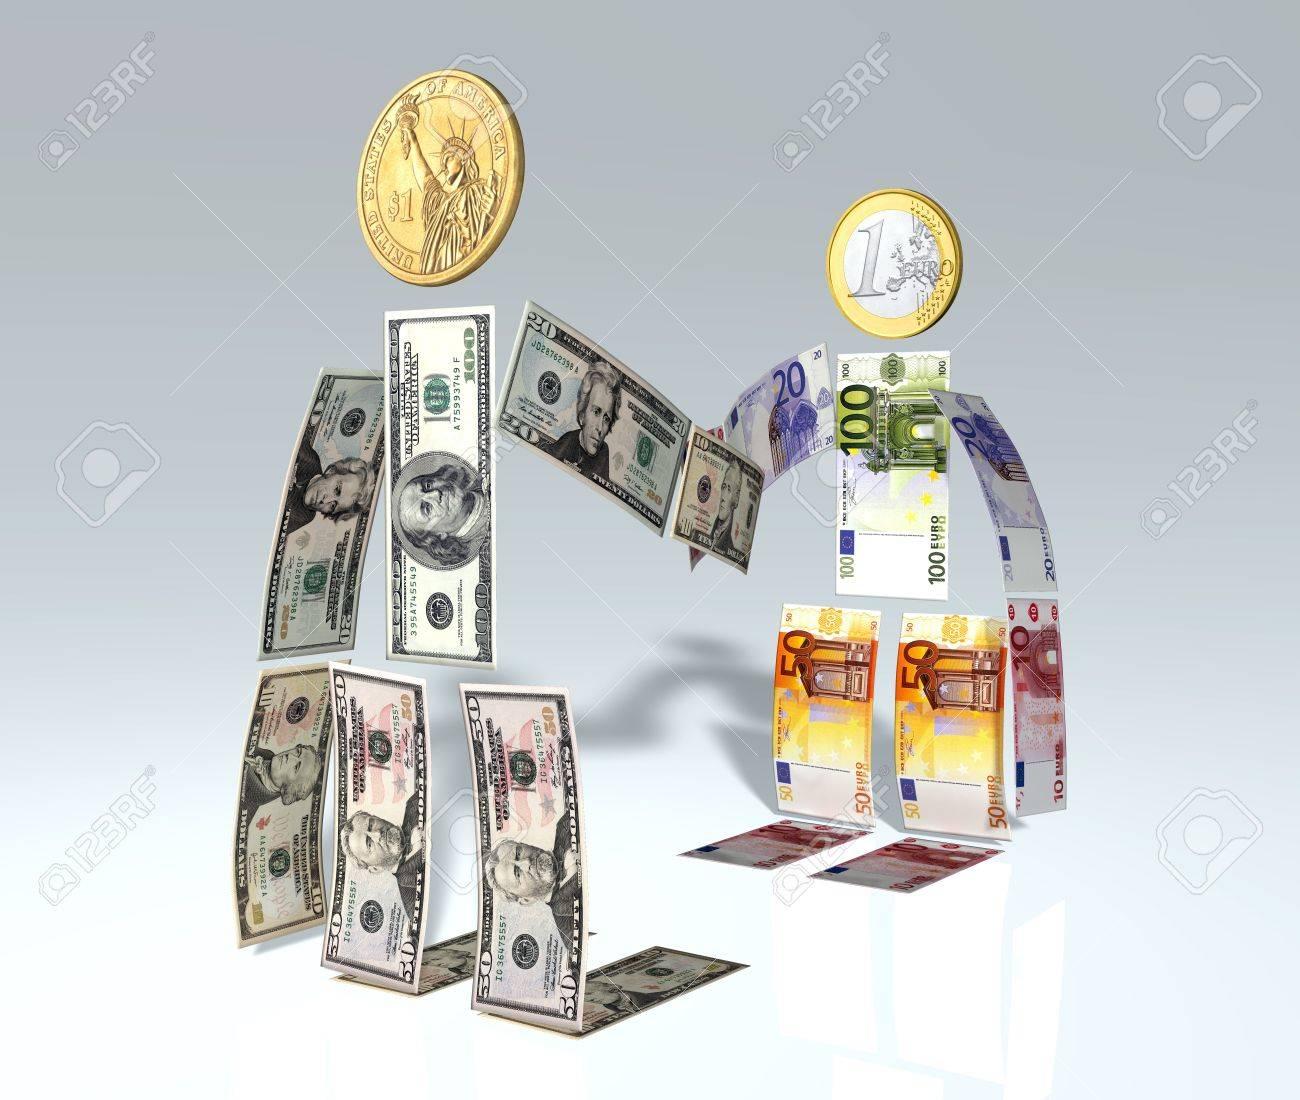 Ein Mann Von Dollar Banknoten Und Münzen Hergestellt Wird